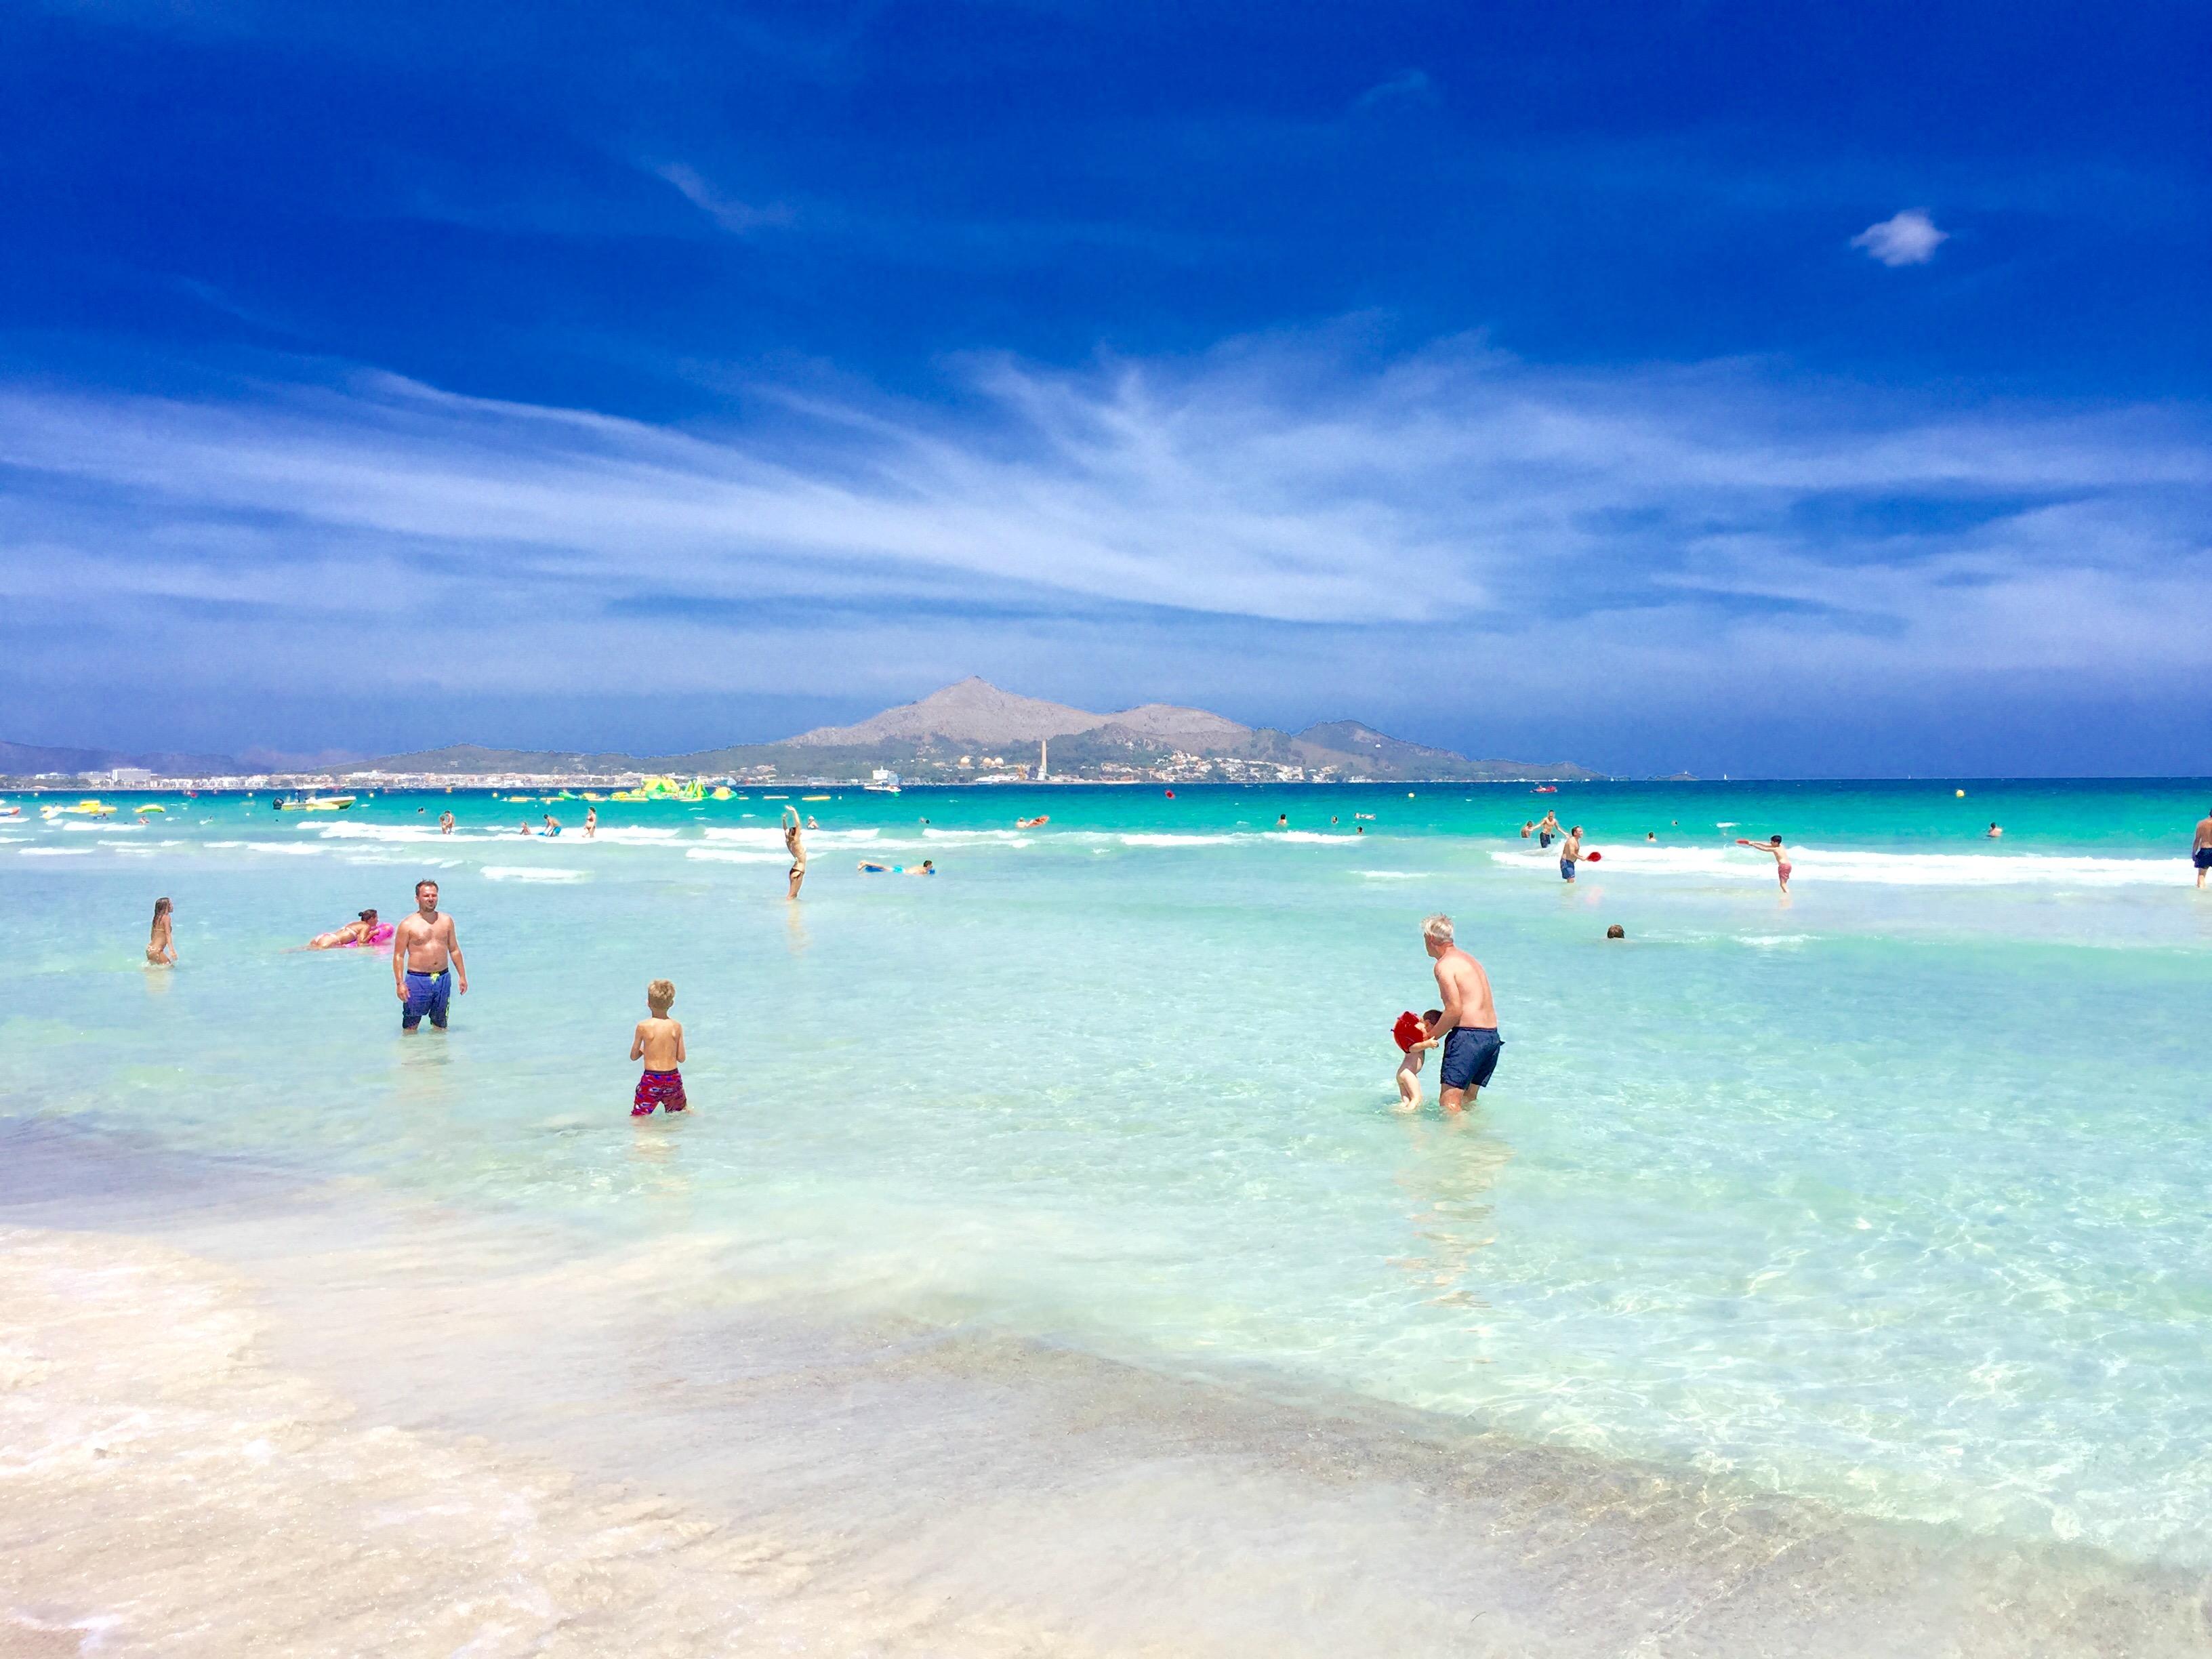 Strand-Wetter: Viel Sonne und bis zu 30 Grad auf Mallorca